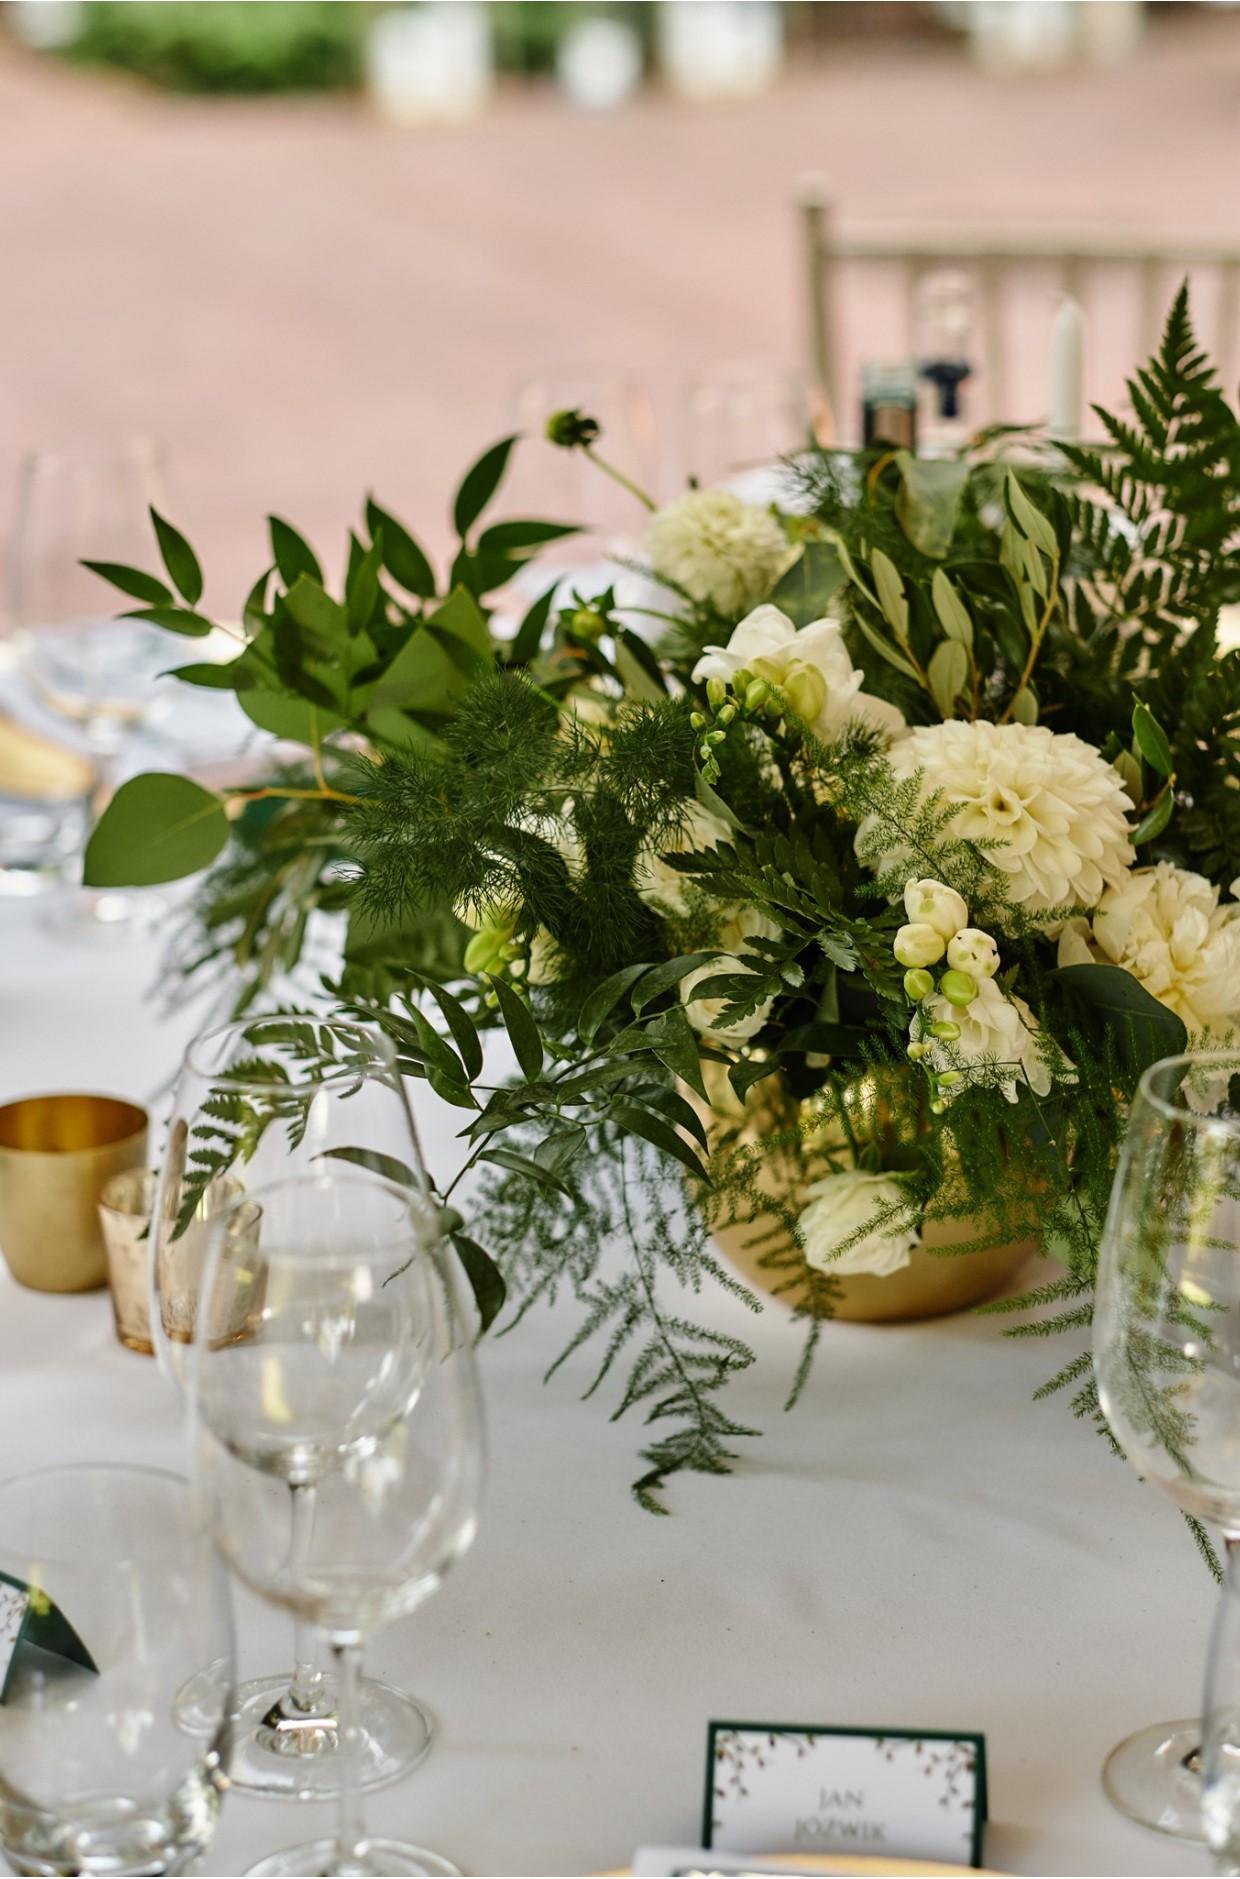 wesele, szmaragd, złoto, konsultant ślubny, wesele w klubie bankowca, greenery, gold, emerald, konsultant ślubny, konsultant ślubny warszawa, wedding planner, organizacja wesel, organizacja ślubów, organizacja ślubu, warszawa, dekoracja stołu dla gości, dekoracja sali